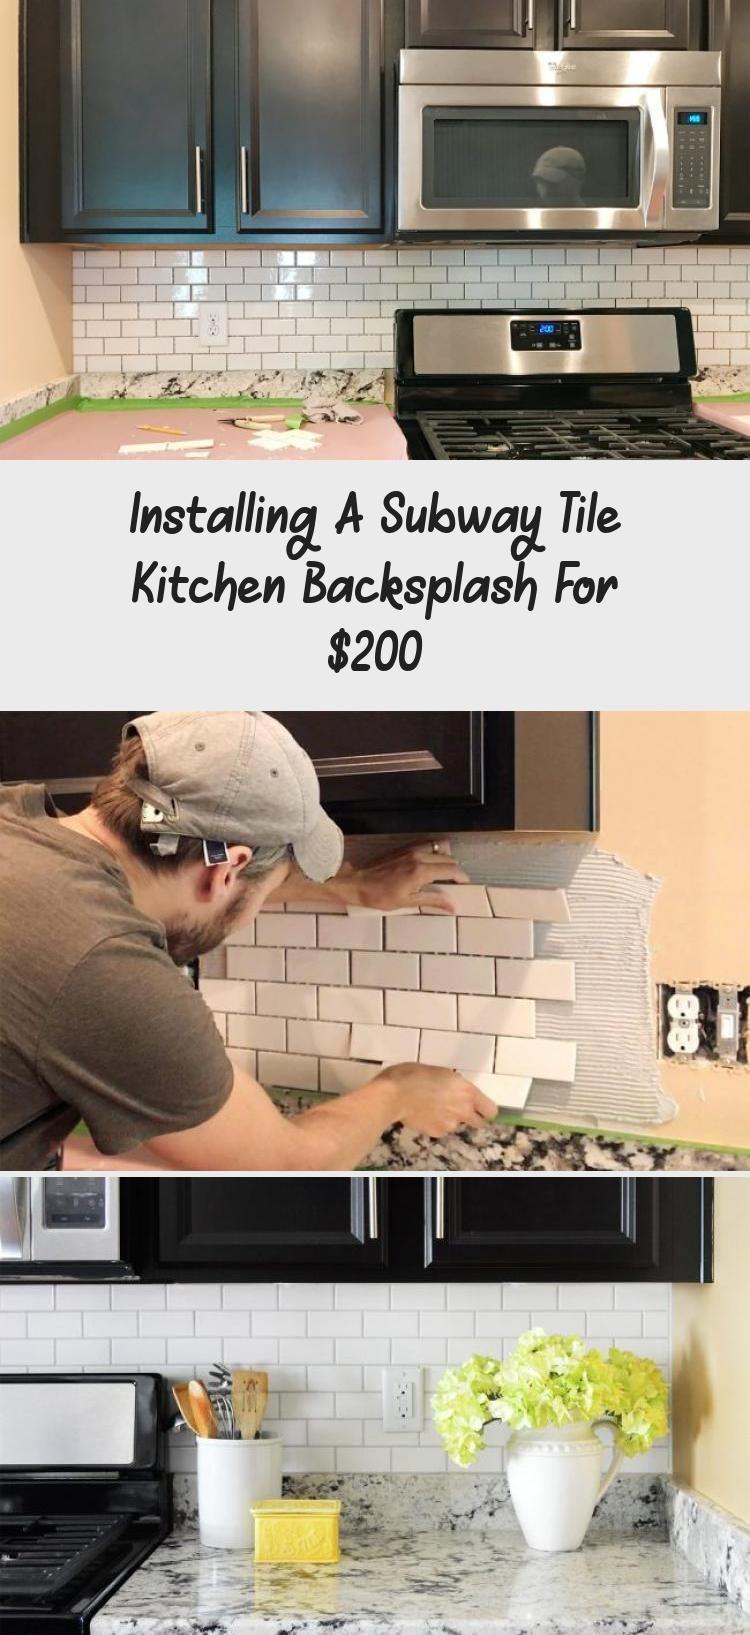 Installing A Subway Tile Kitchen Backsplash For 200 Subway Tile Backsplash Kitchen Kitchen Tiles Backsplash Kitchen Tiles